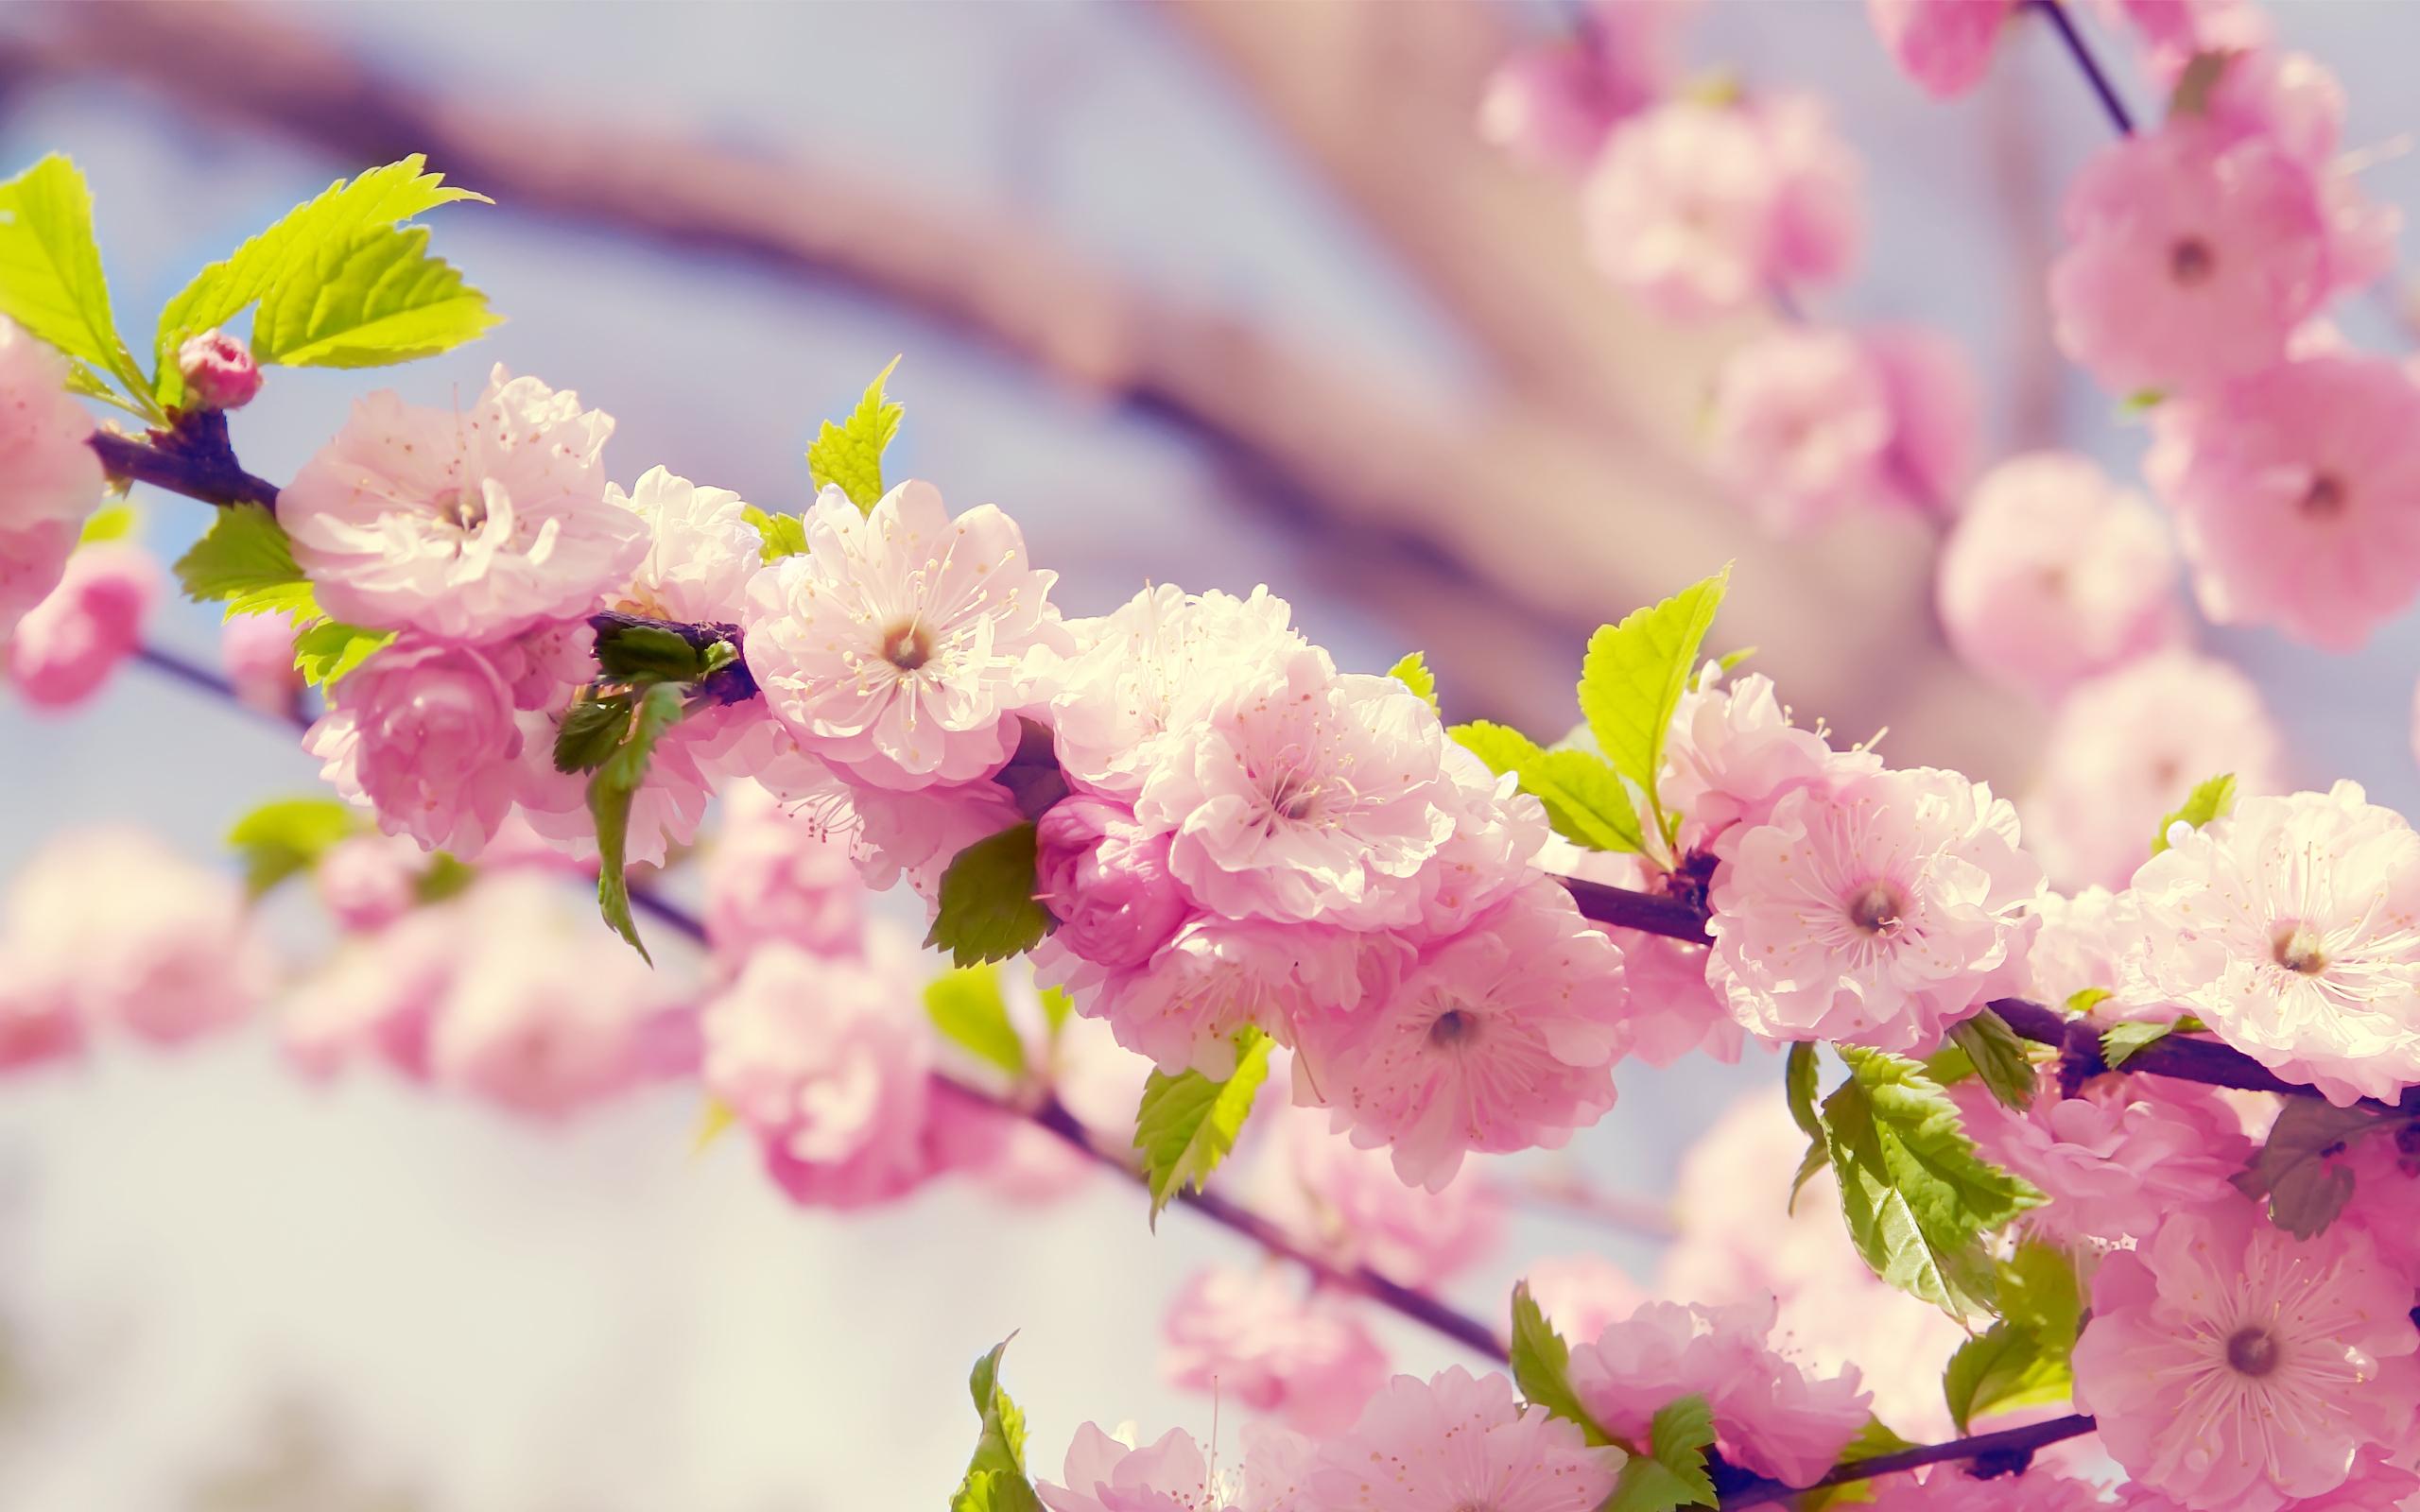 Распустившийся цветок бесплатно